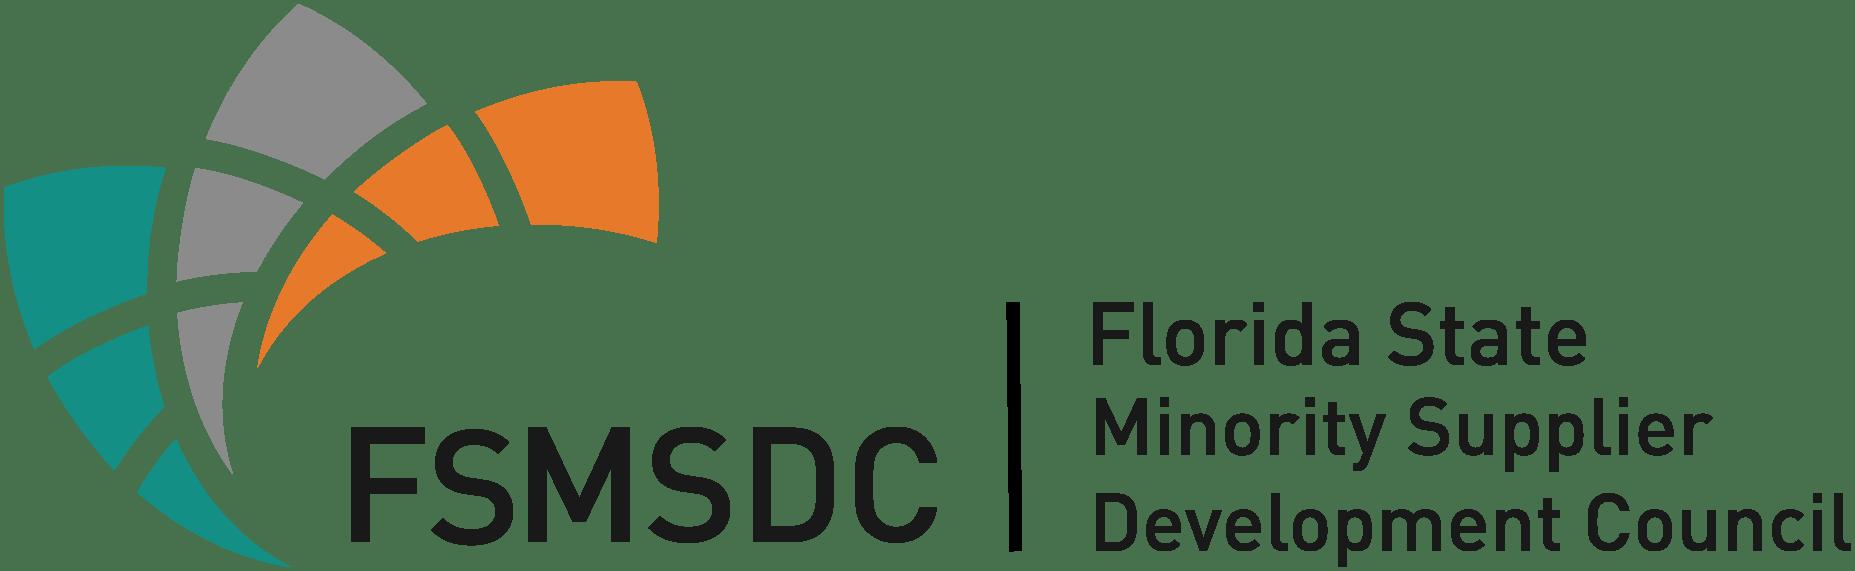 fsmdc-logo-long